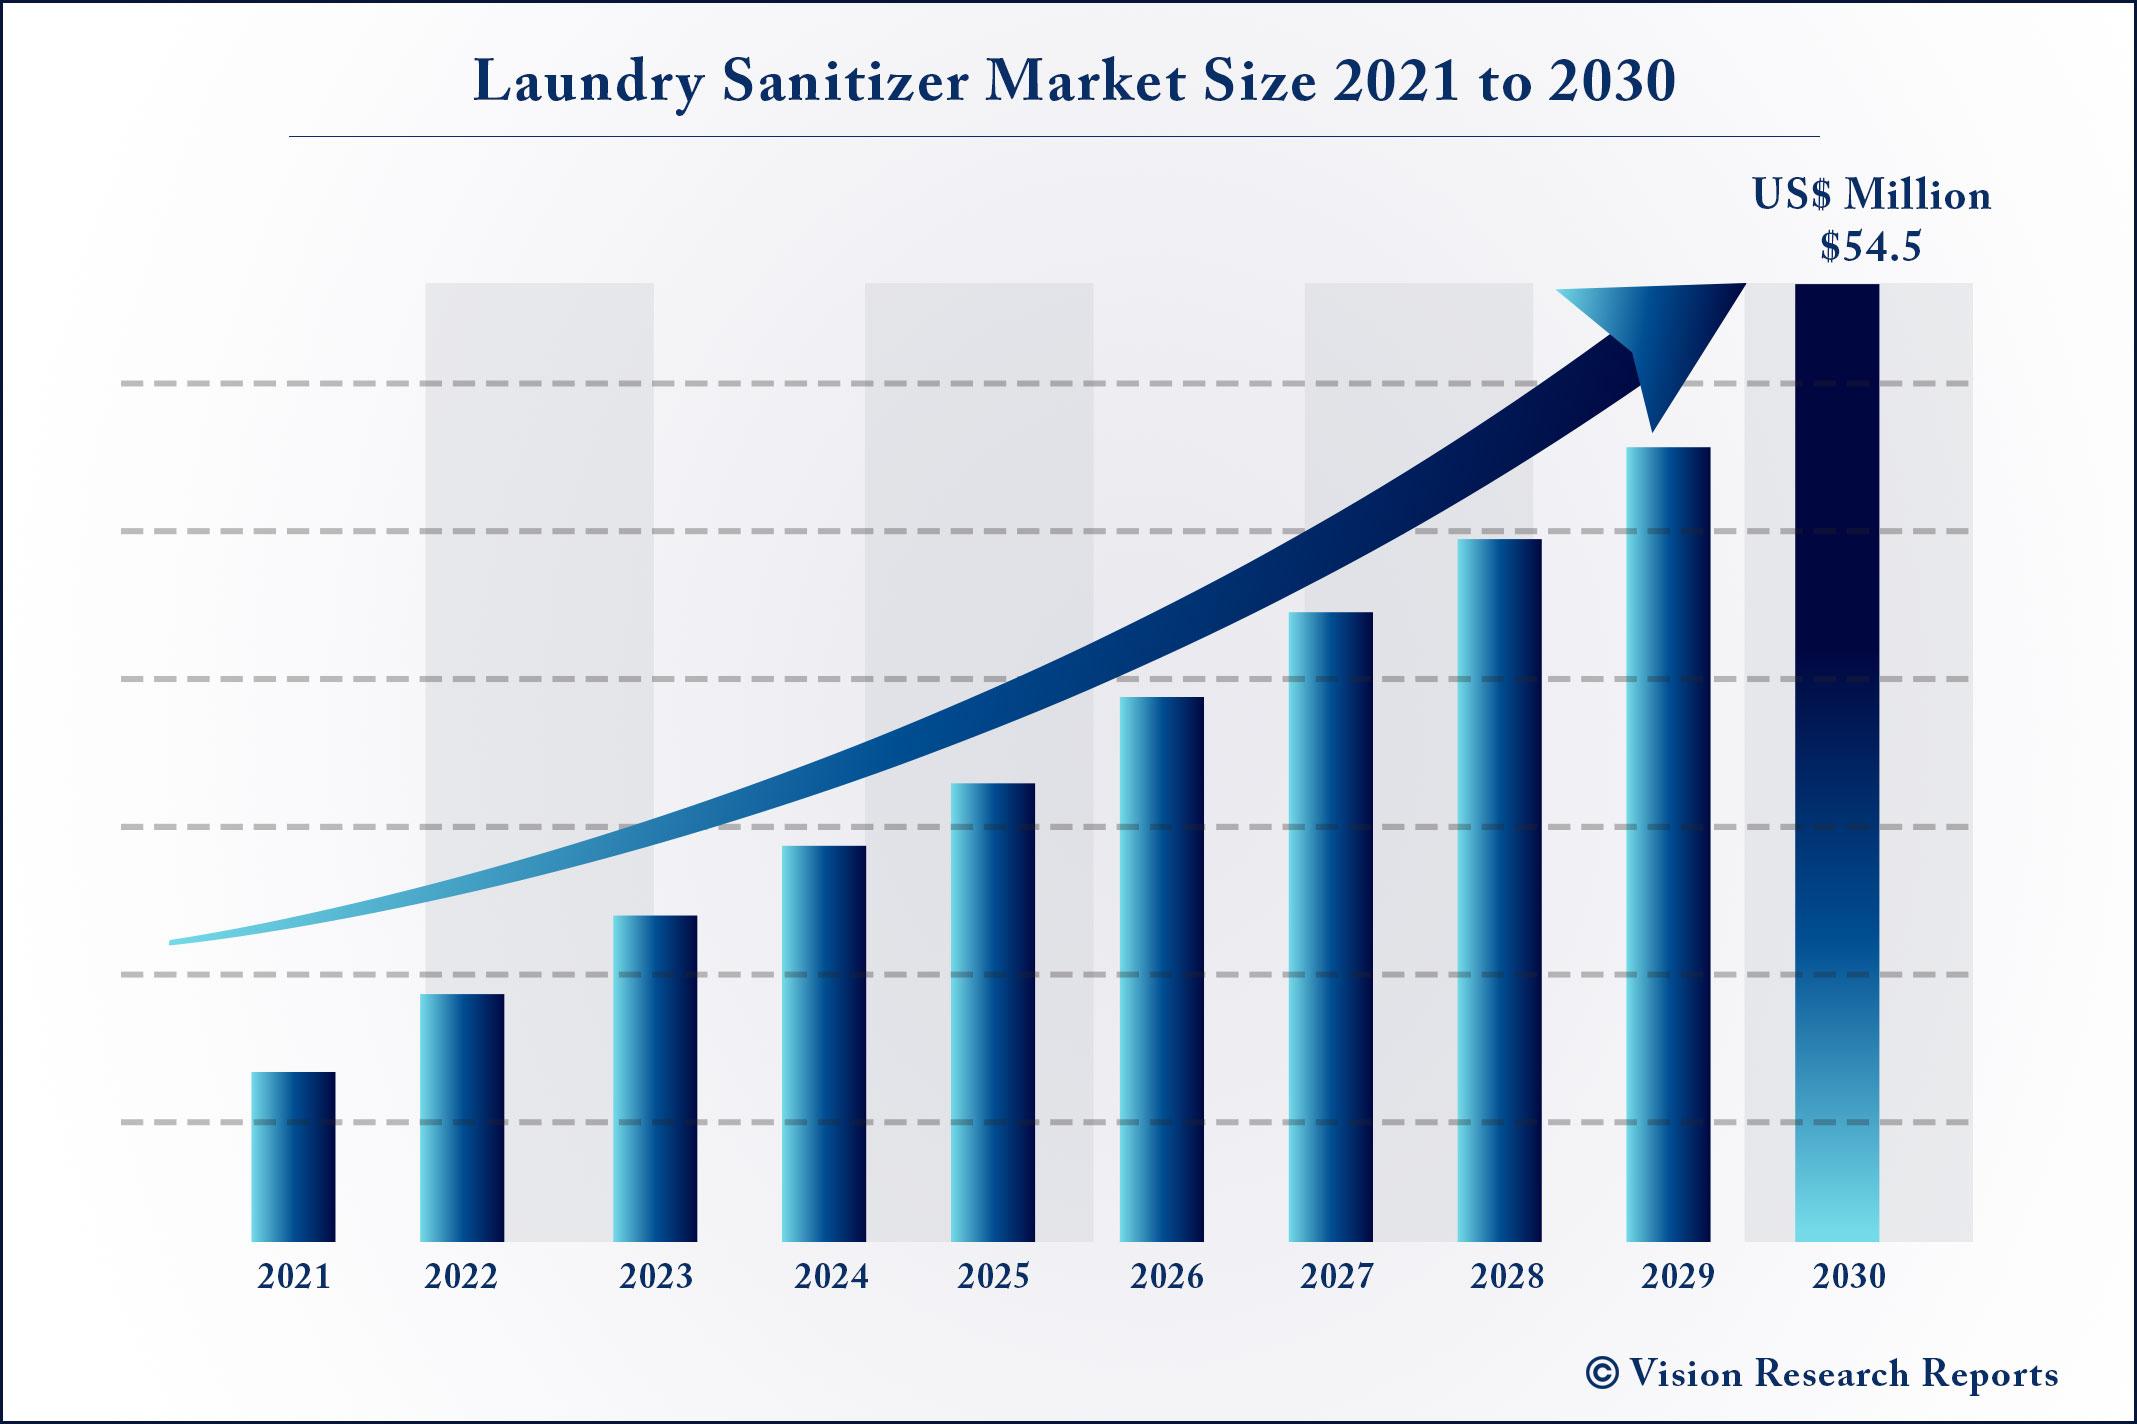 Laundry Sanitizer Market Size 2021 to 2030